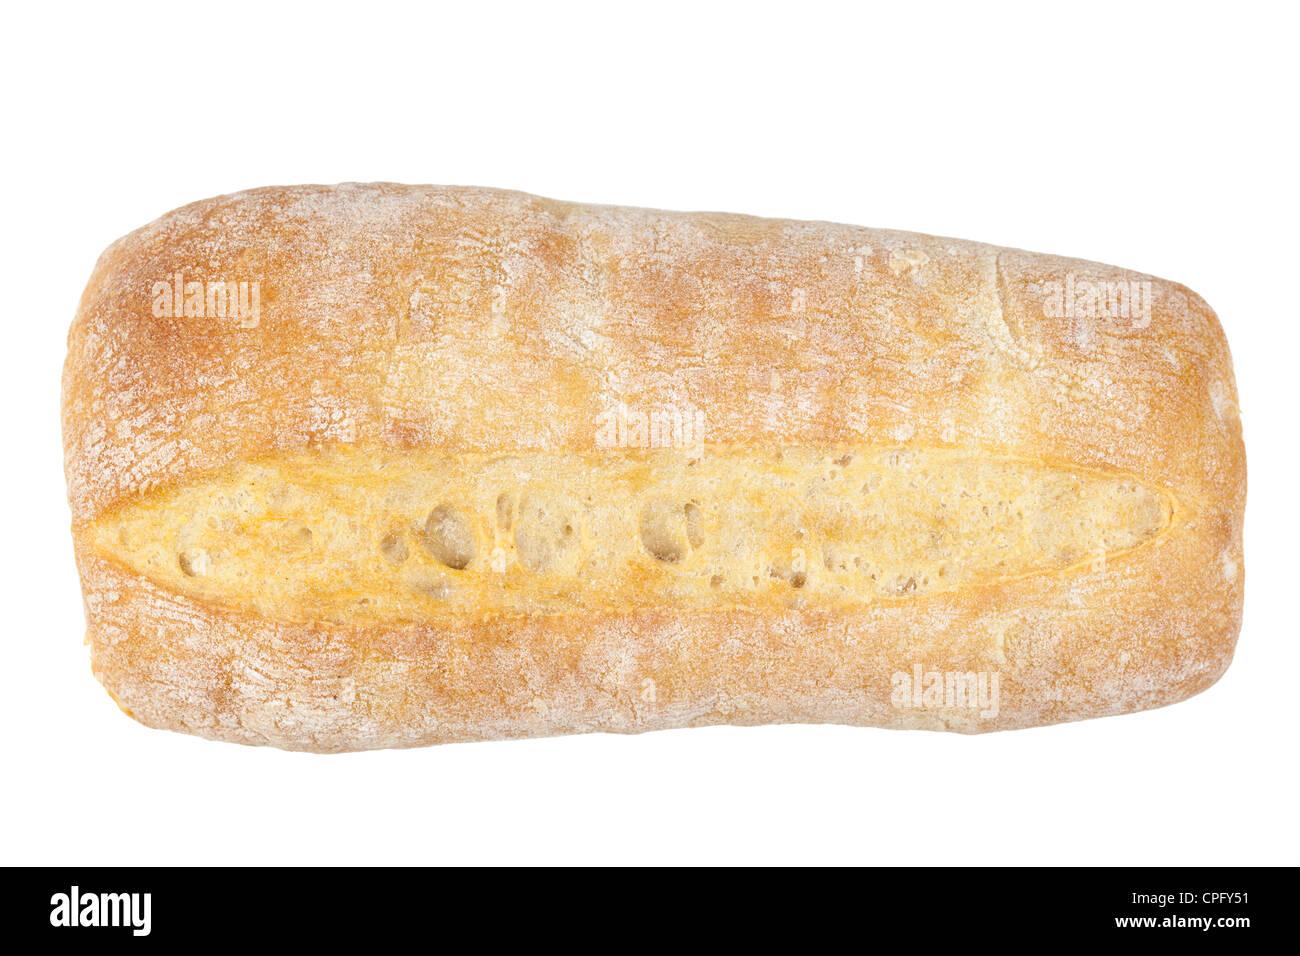 Ciabatta bread roll - Stock Image